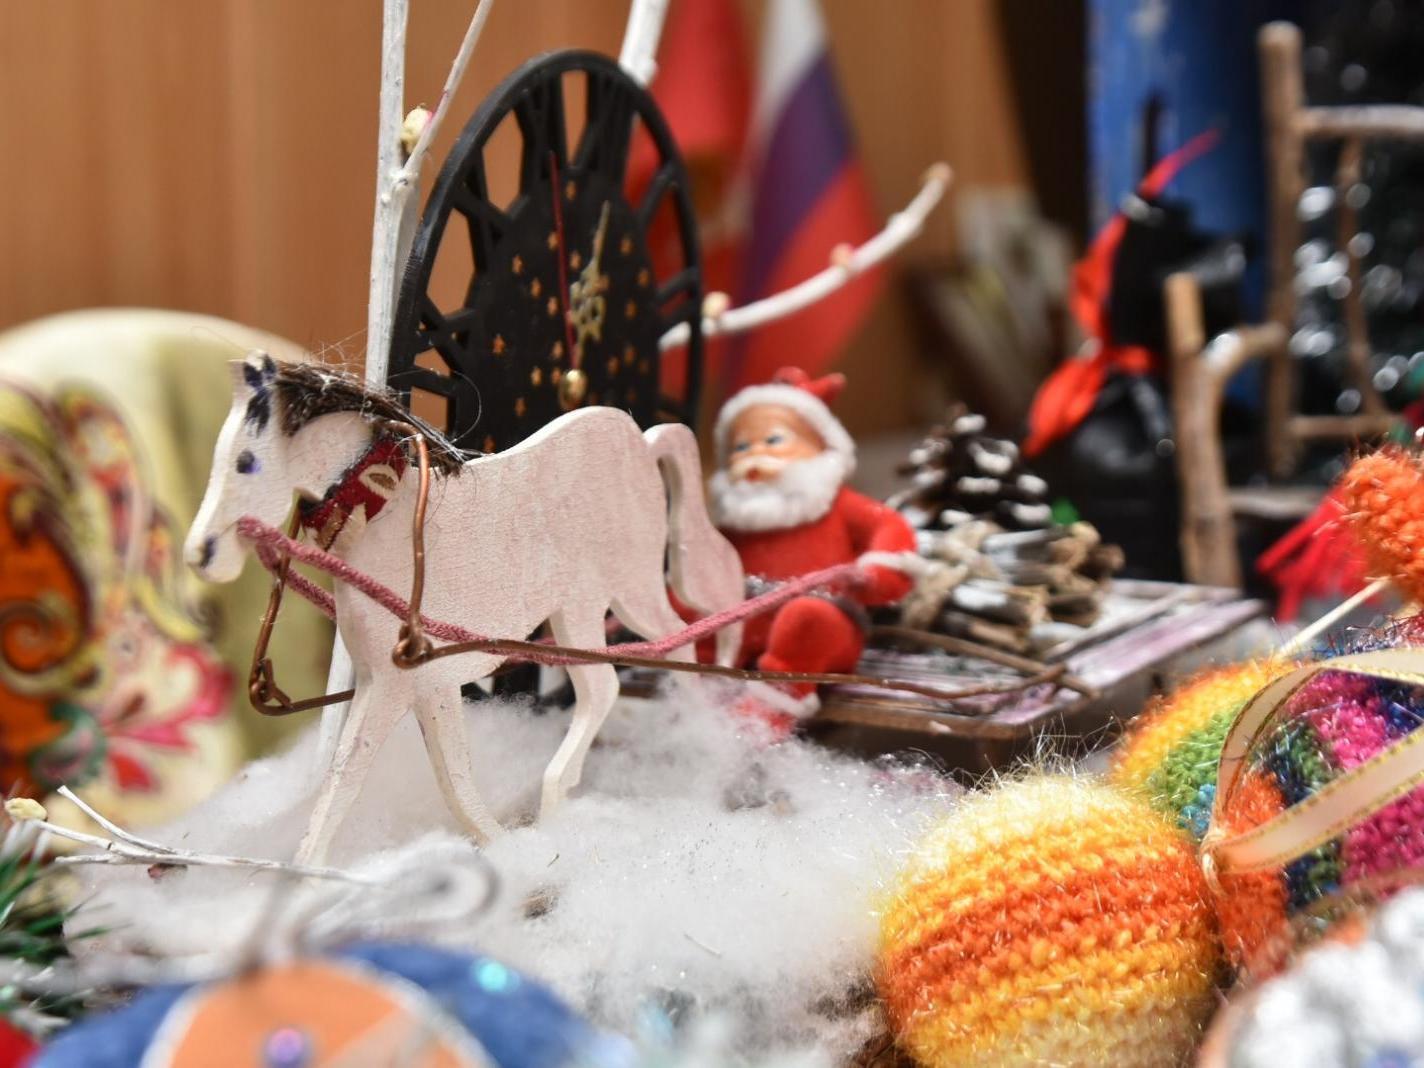 Жители Вологды пополнят «Кладовую Деда Мороза» новыми новогодними игрушками